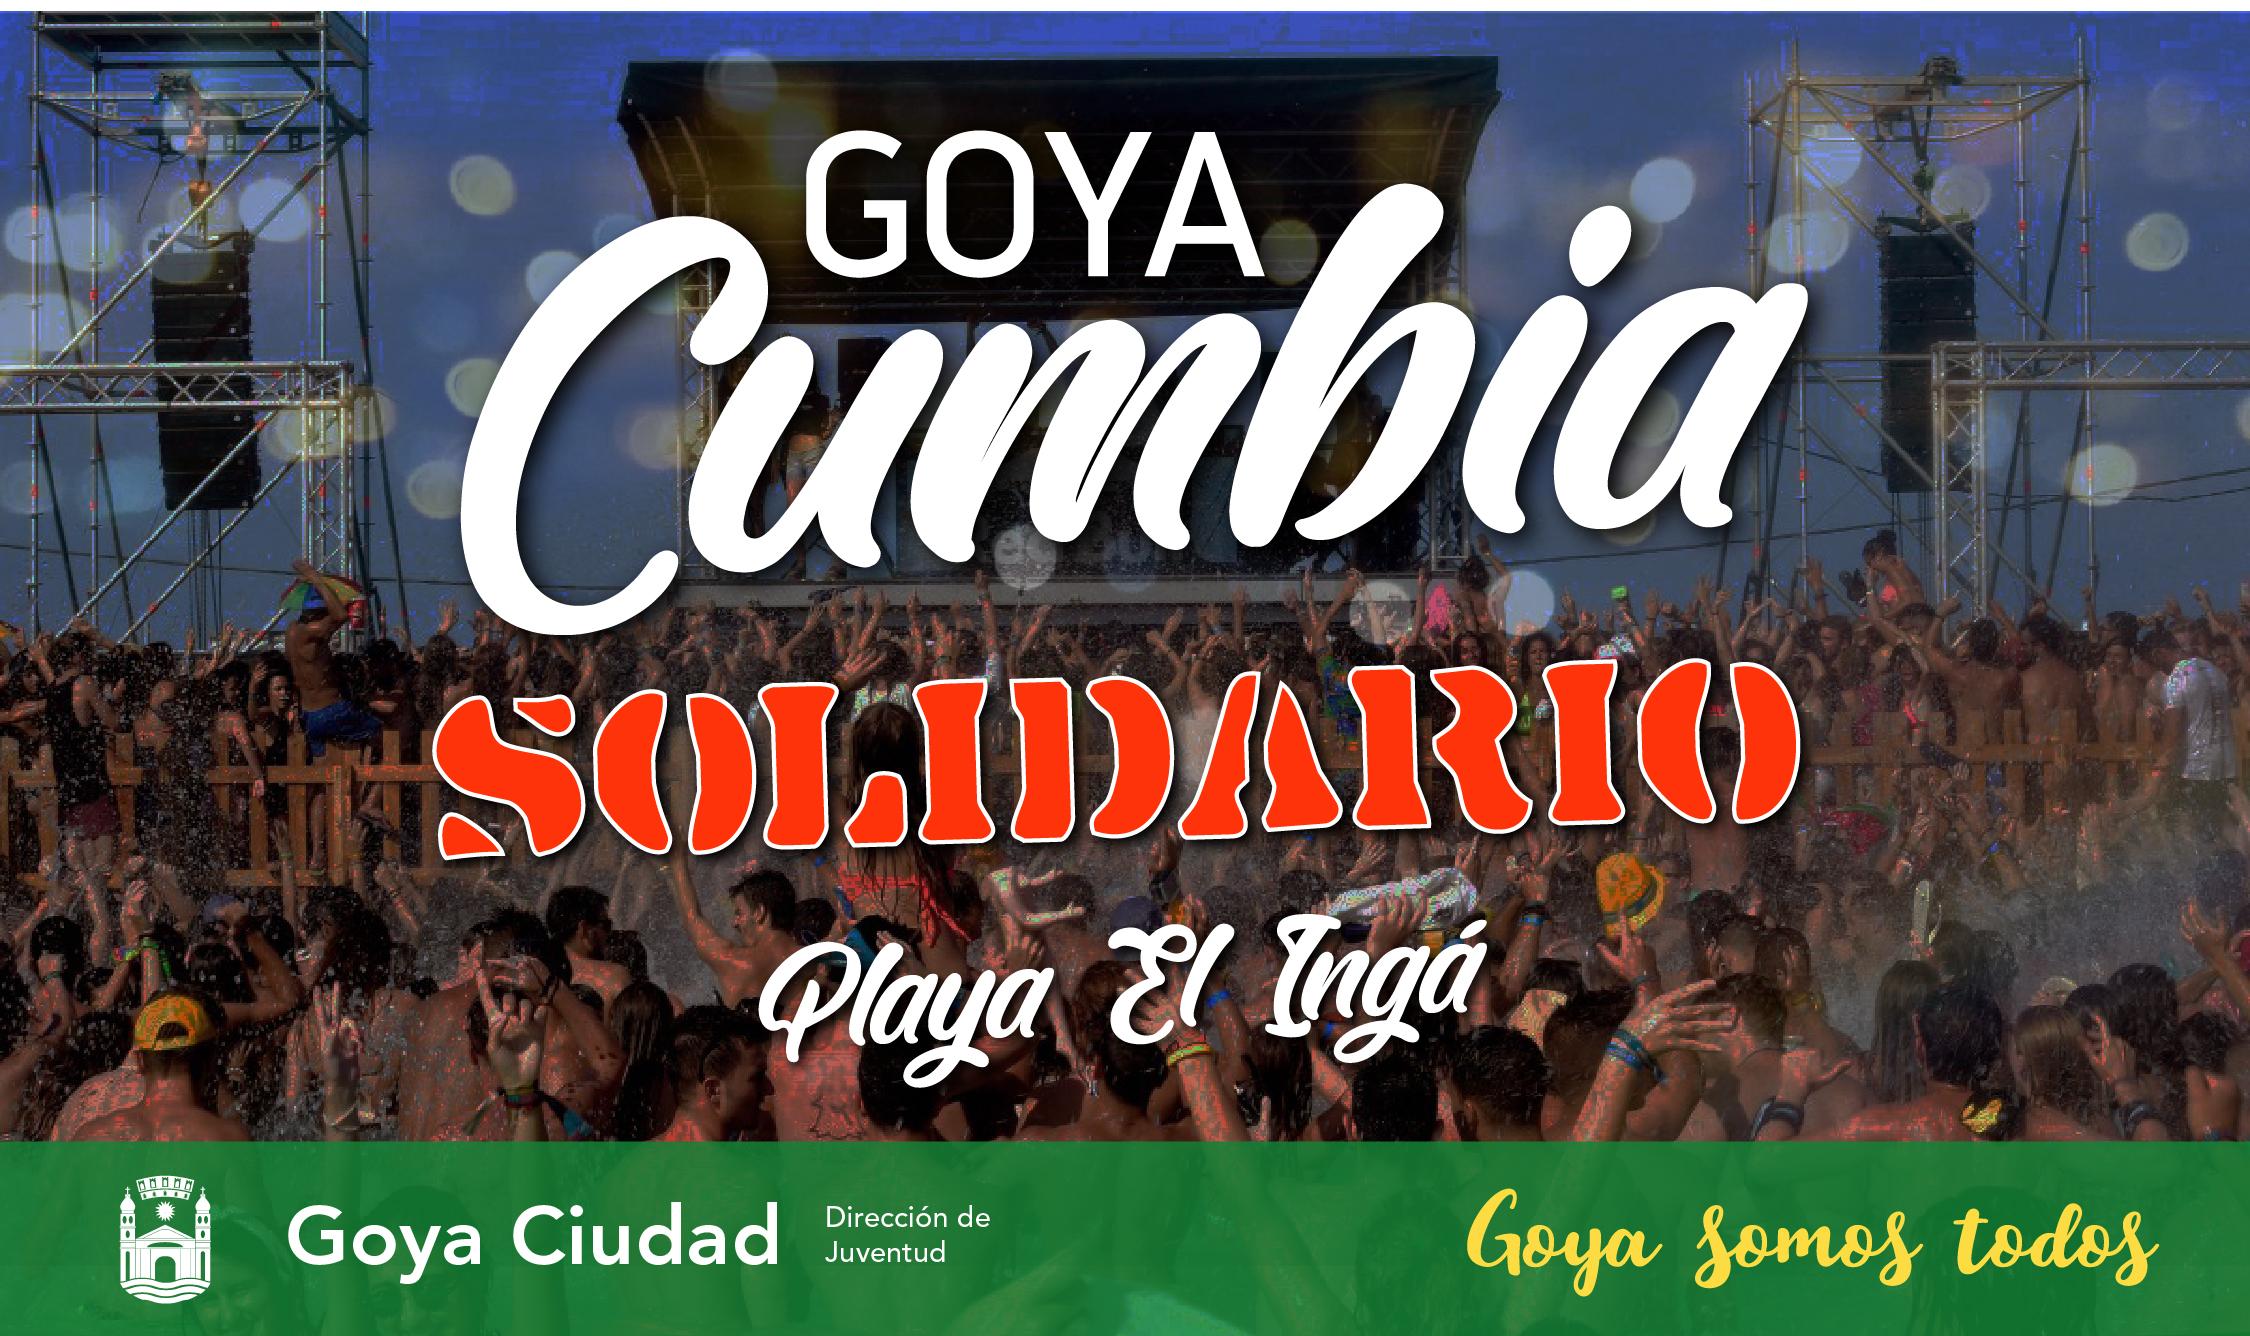 Goya Cumbia Solidario